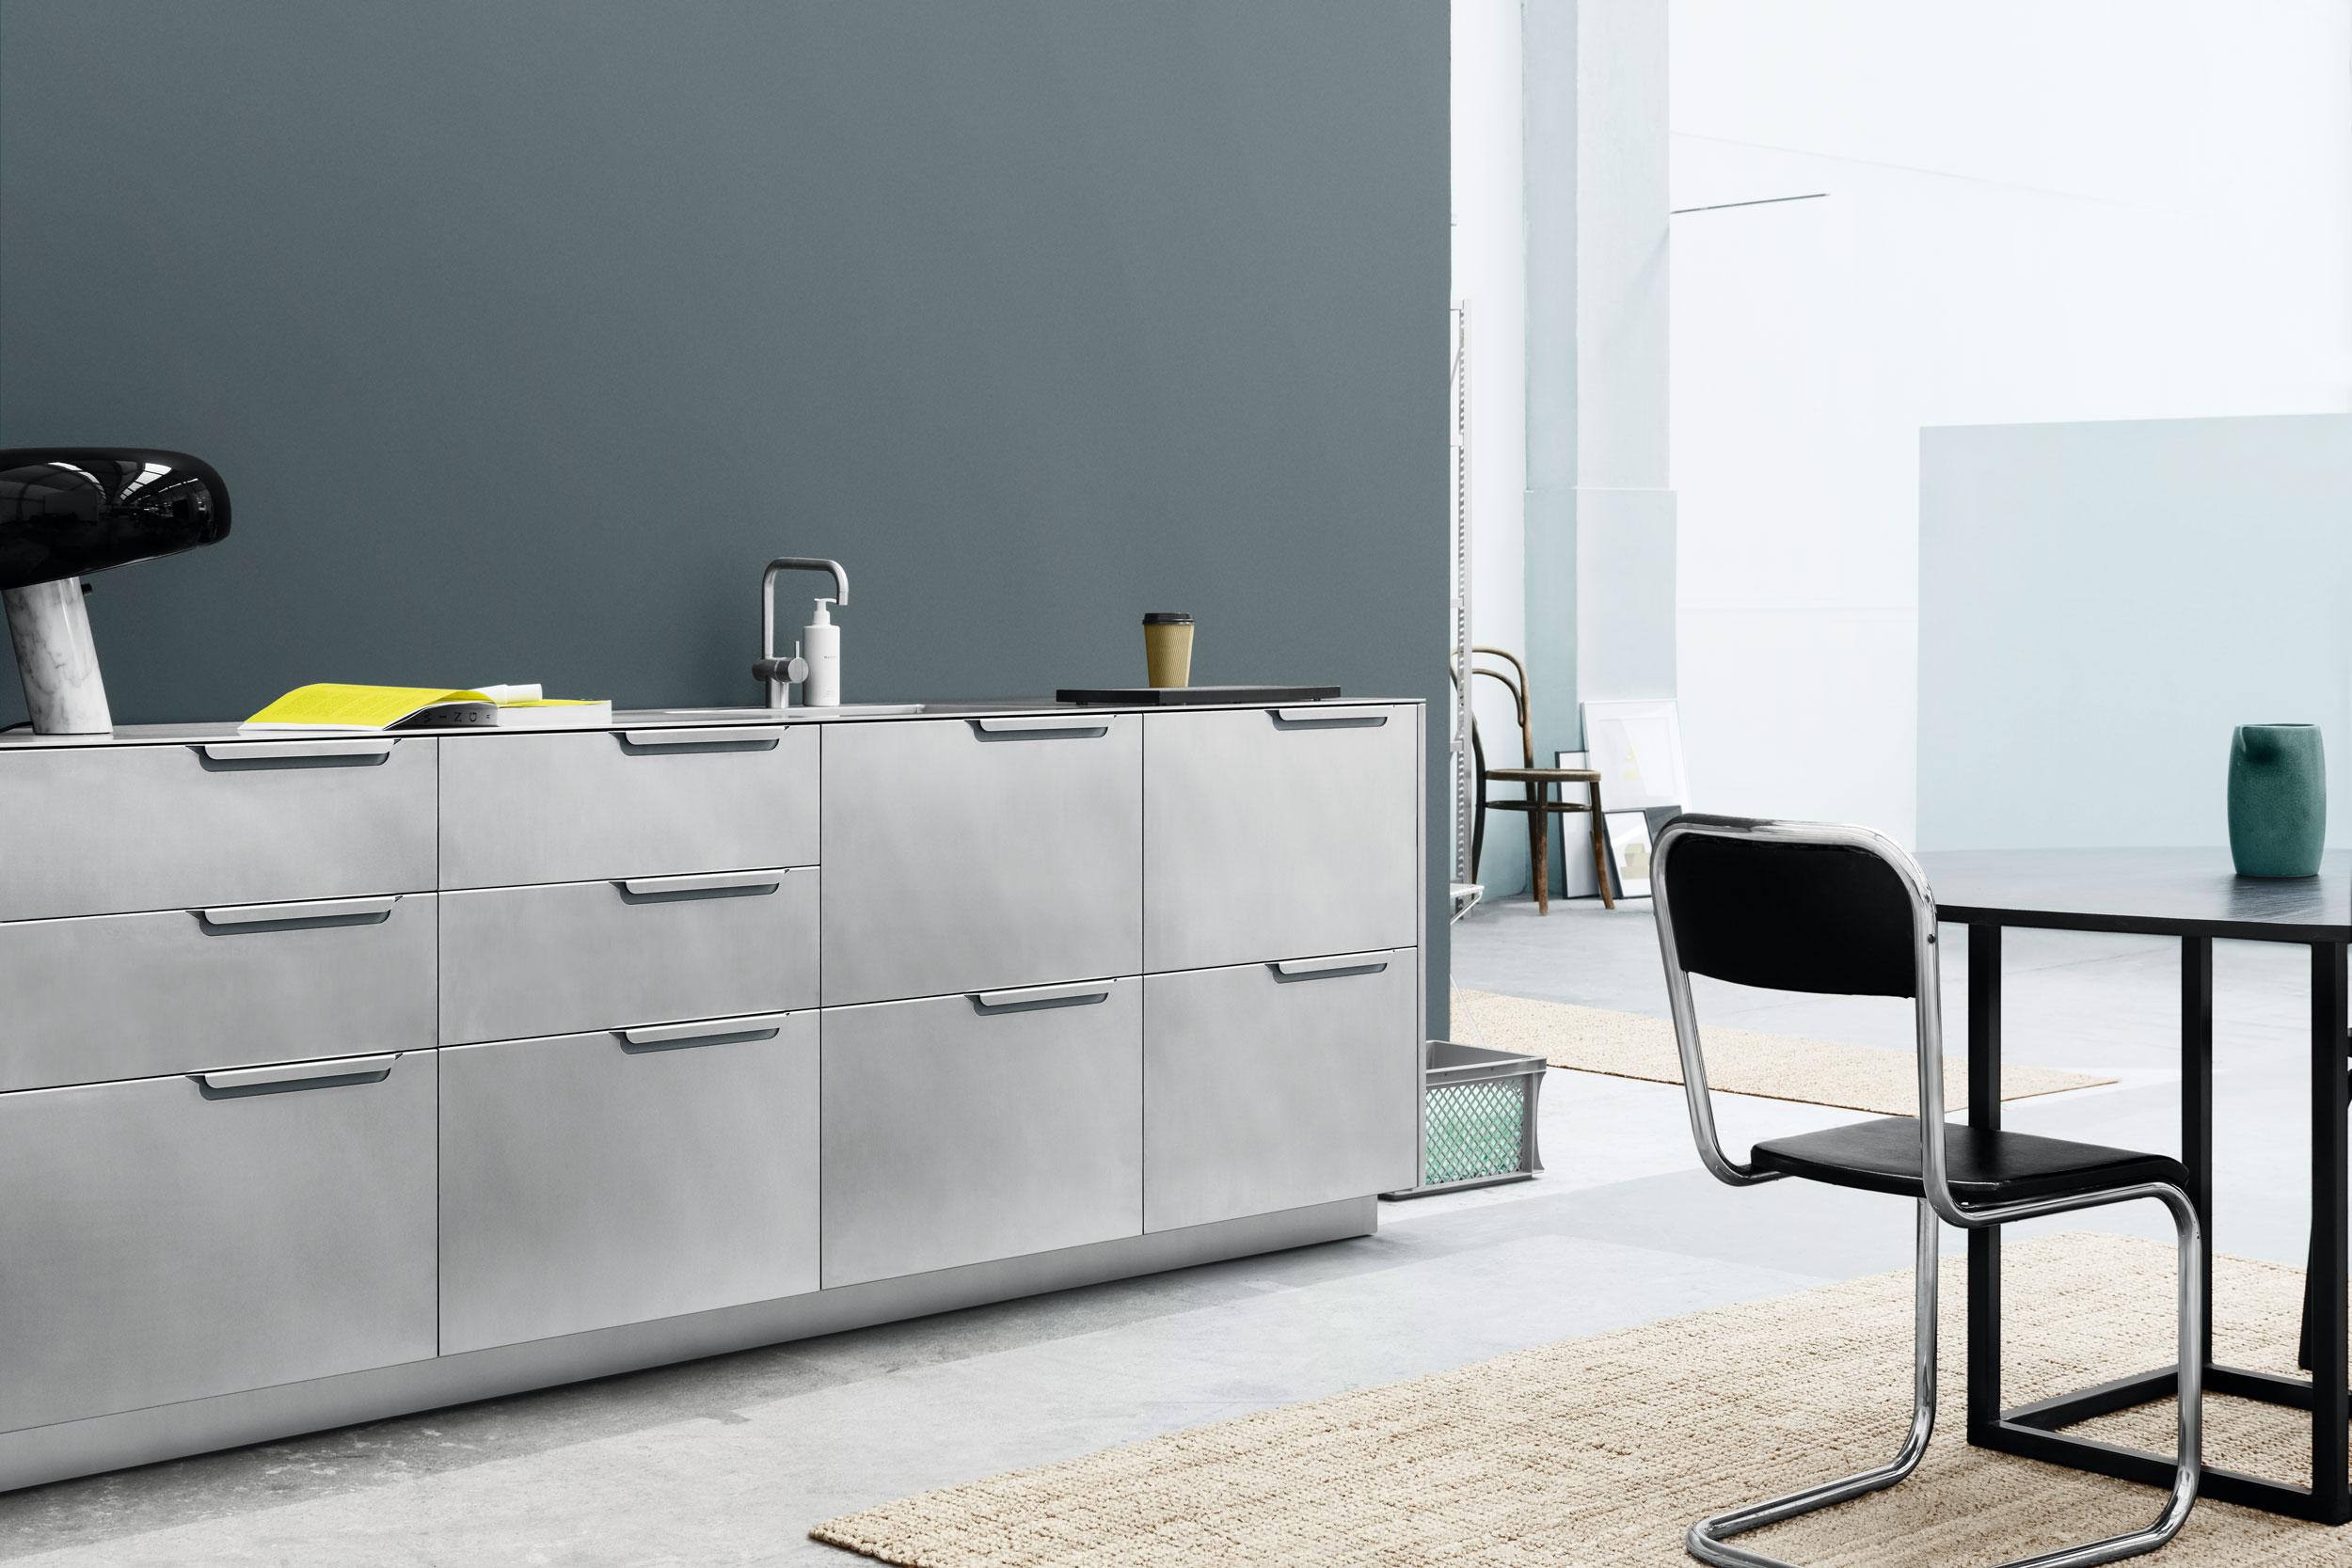 Ikea Tärnan How To Install An Ikea Kitchen Faucet Diy Playbook